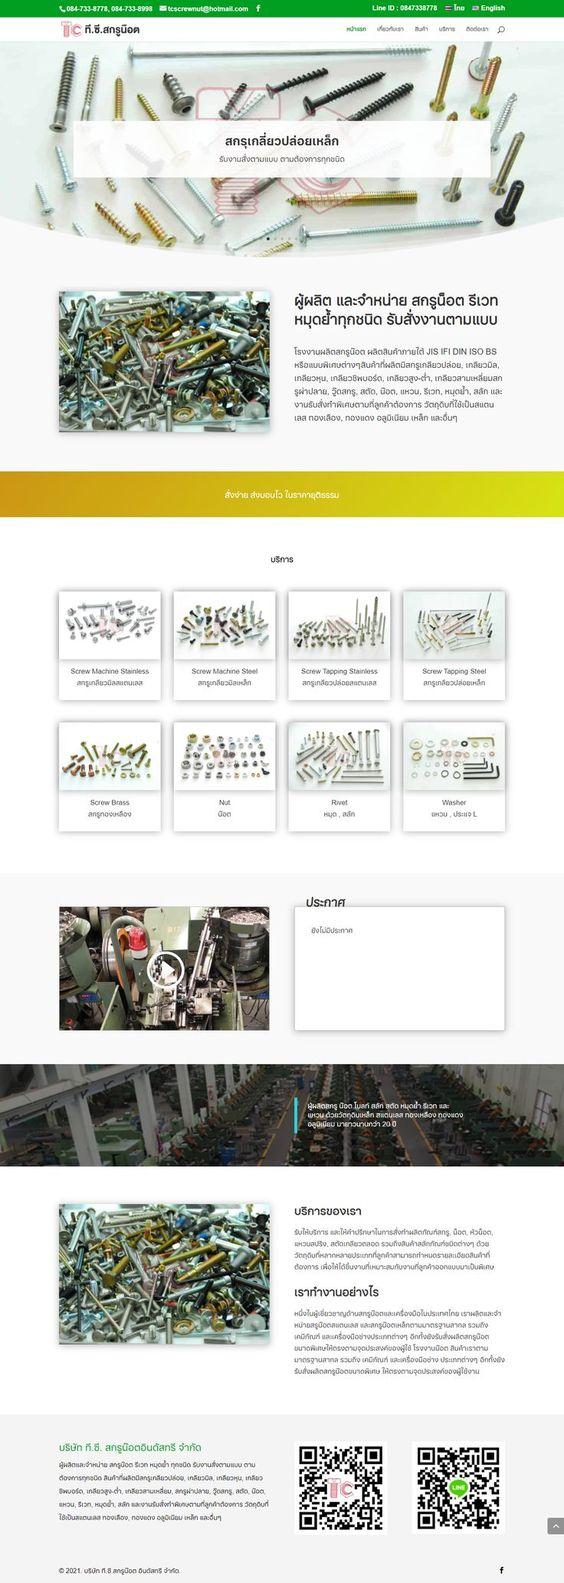 ออกแบบเว็บไซต์ บริษัท ที.ซี.สกรูน๊อต อินดัสทรี จำกัด